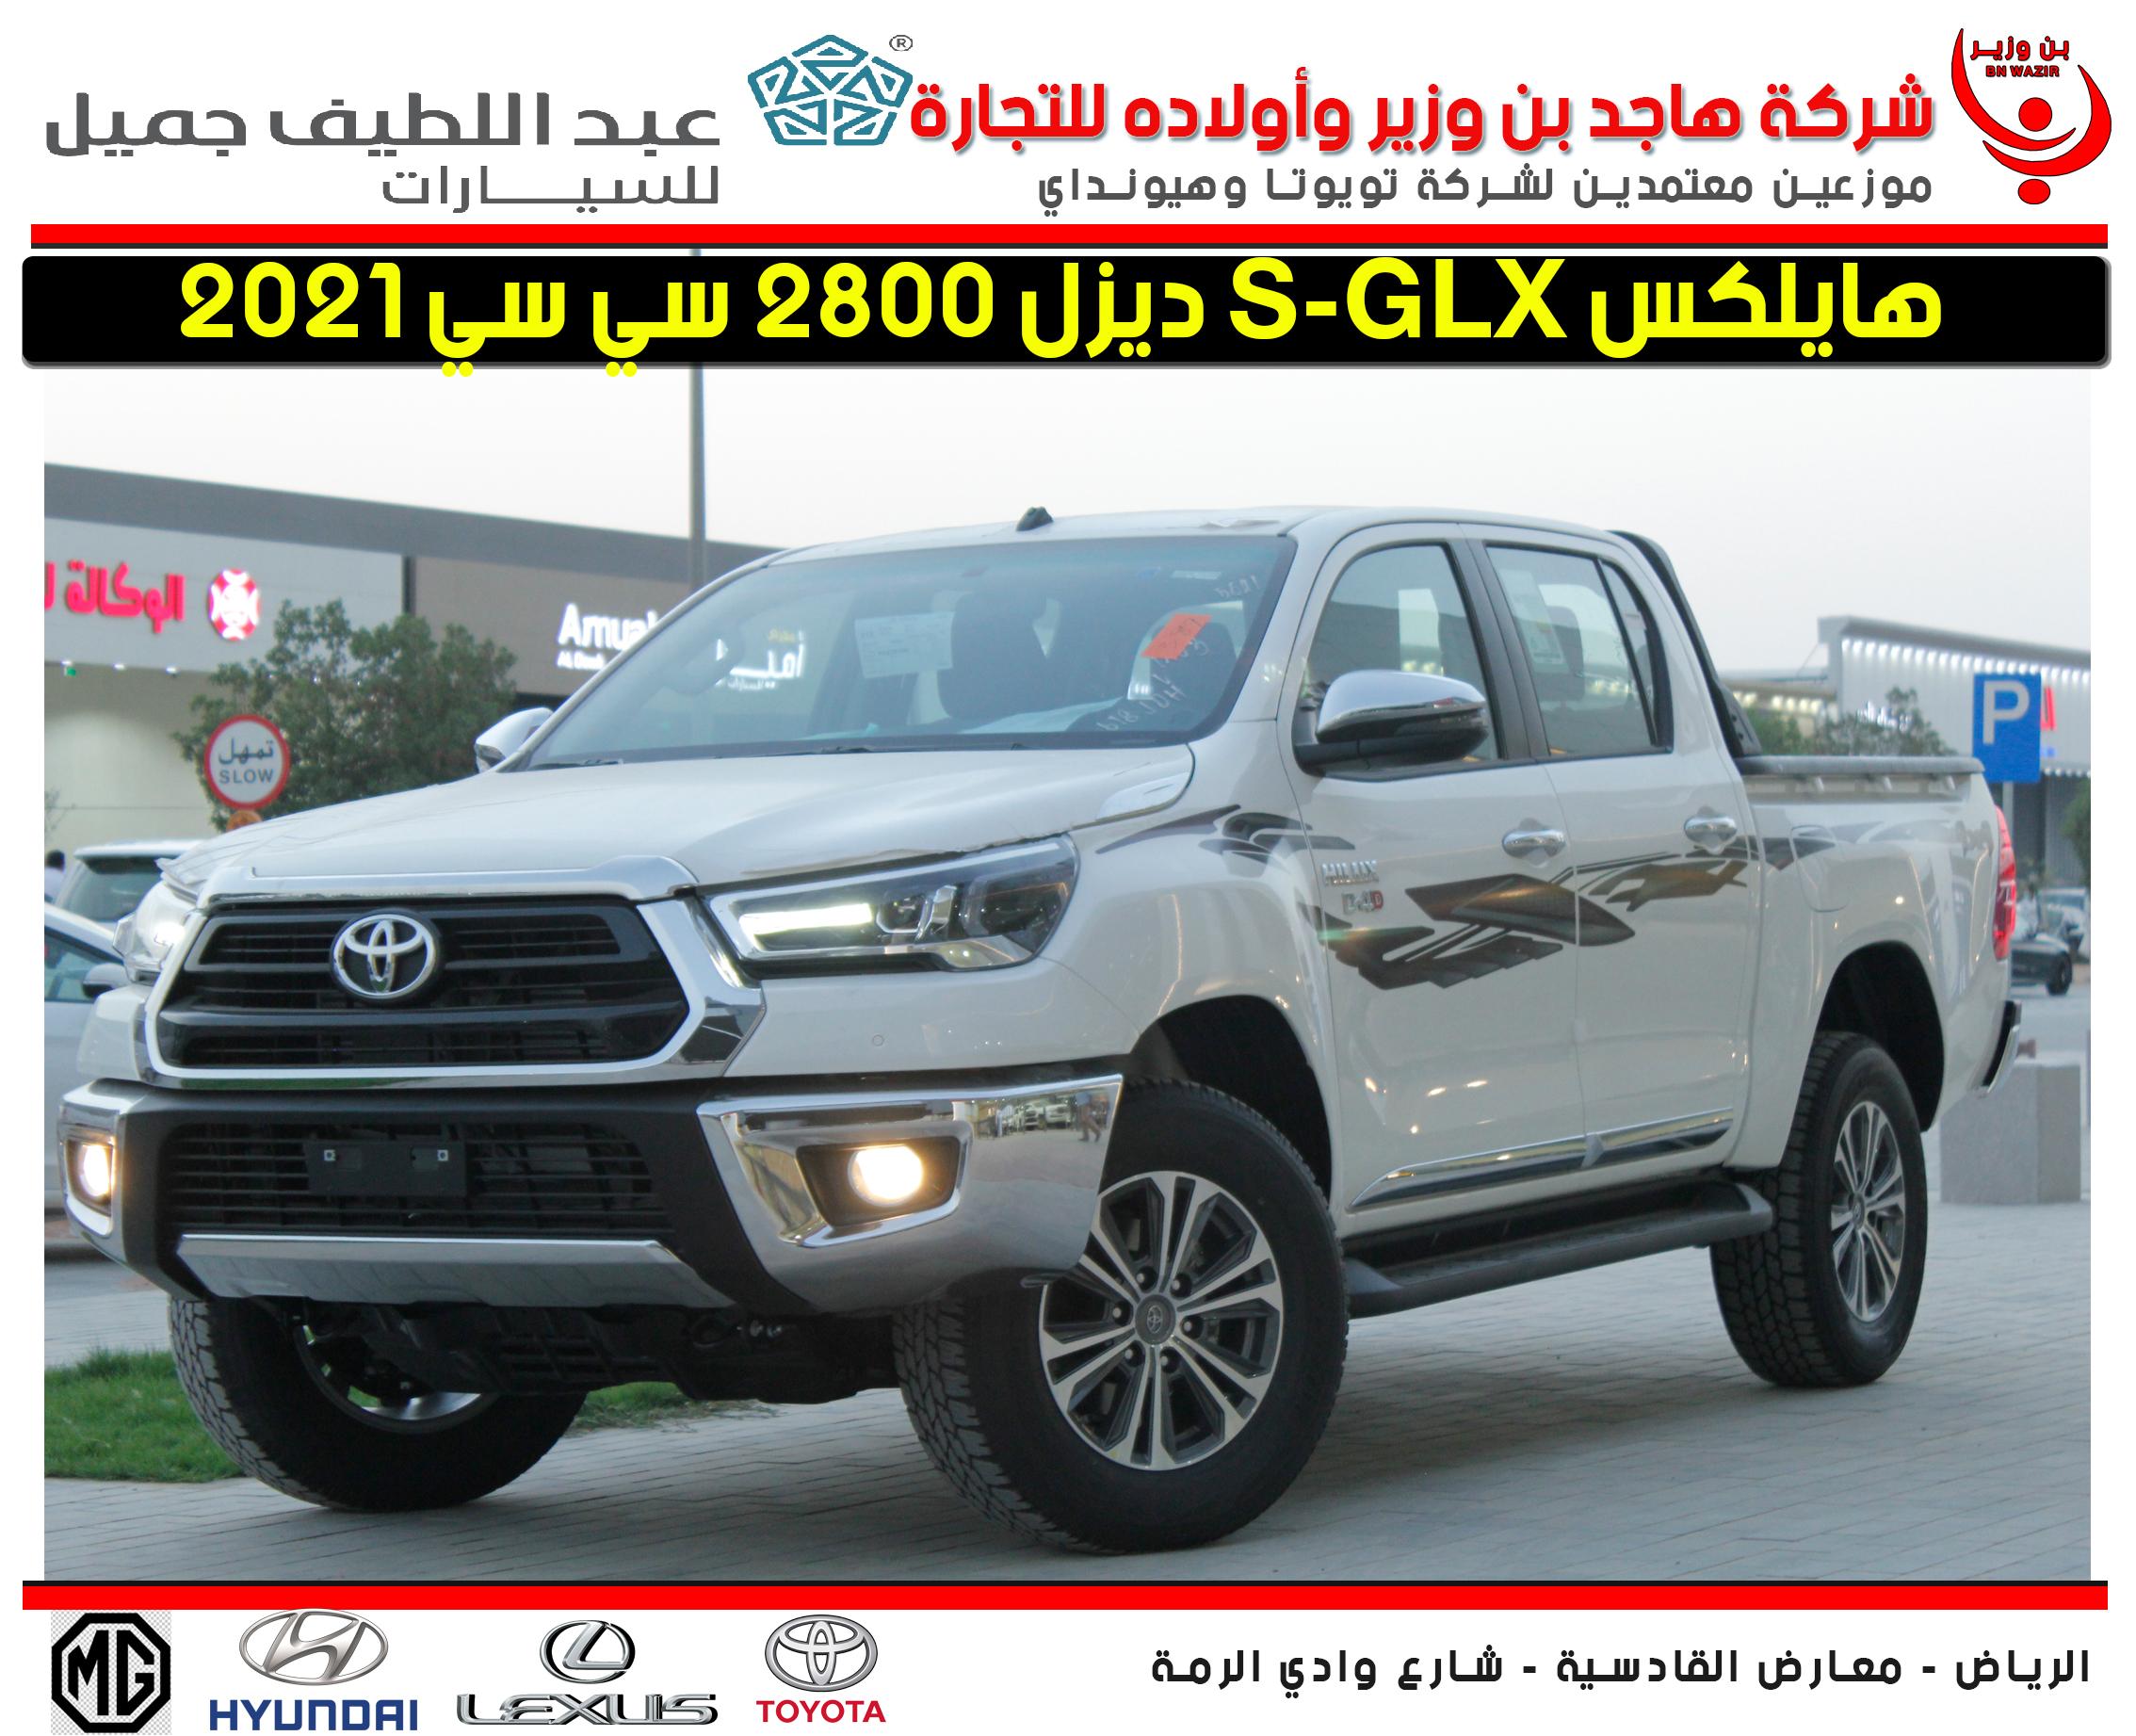 مباع - تويوتا  هايلكس  S-GLX  2021 فل كامل ديزل محرك 2800 سي سي  للبيع في الرياض - السعودية - صورة كبيرة - 1